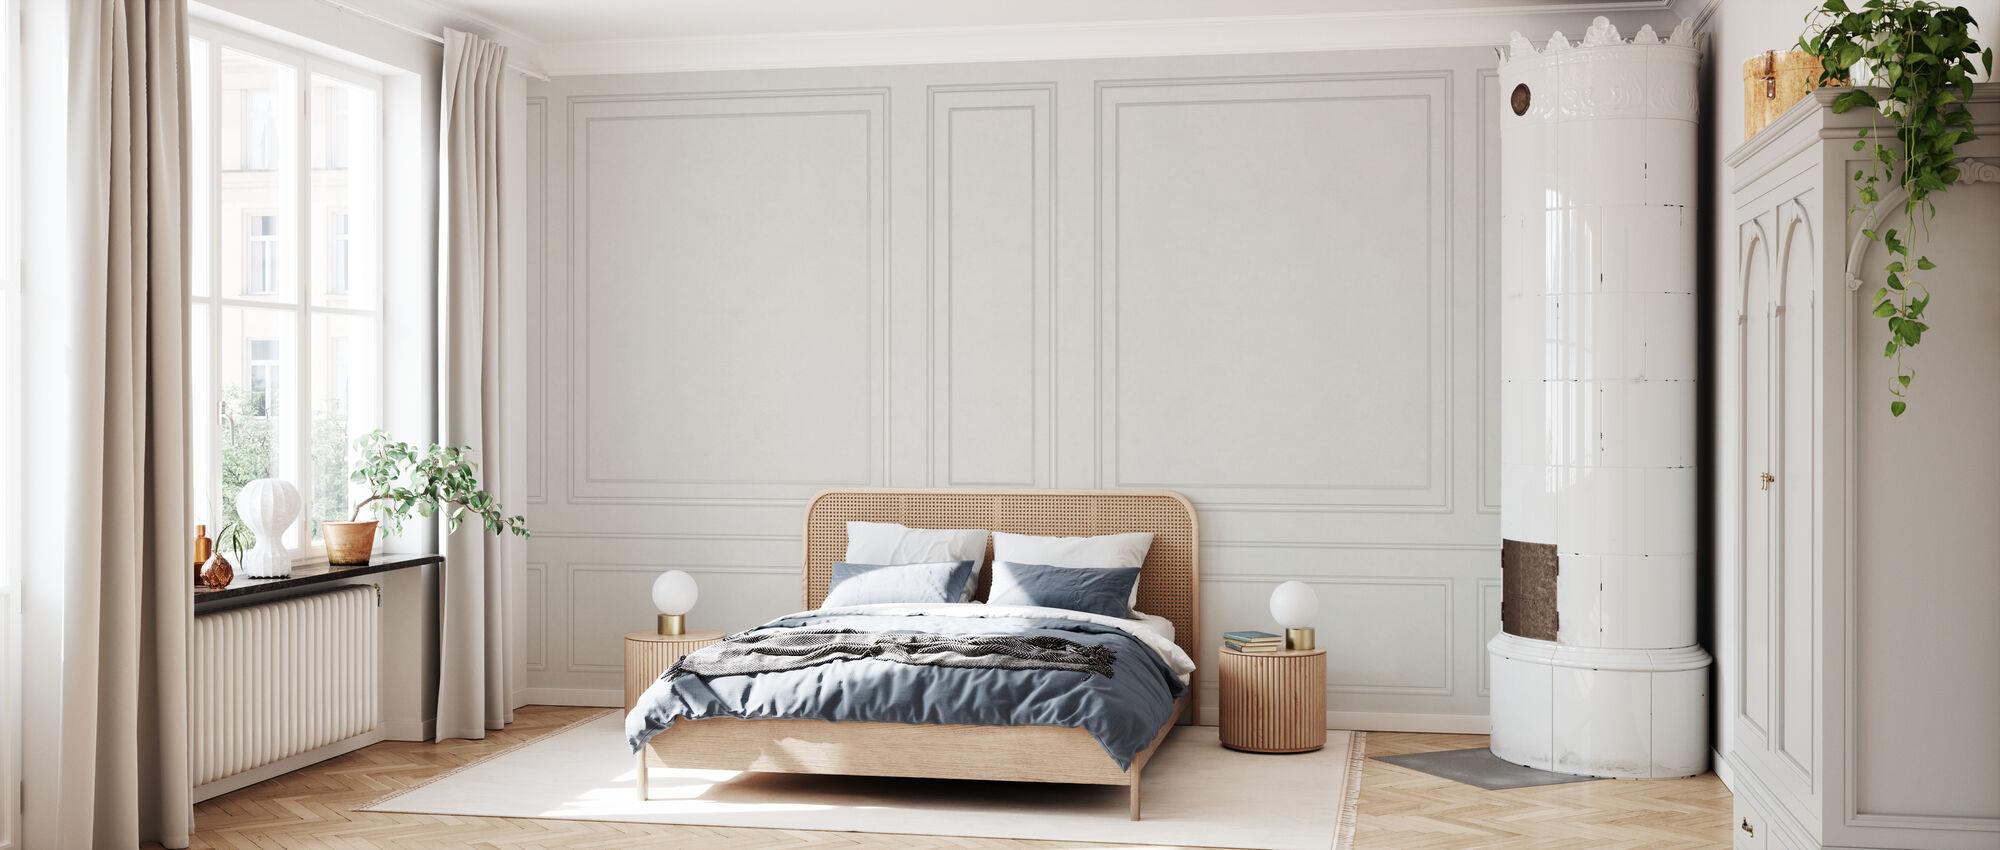 Voguish Wall Panel - Beige - Wallpaper - Bedroom